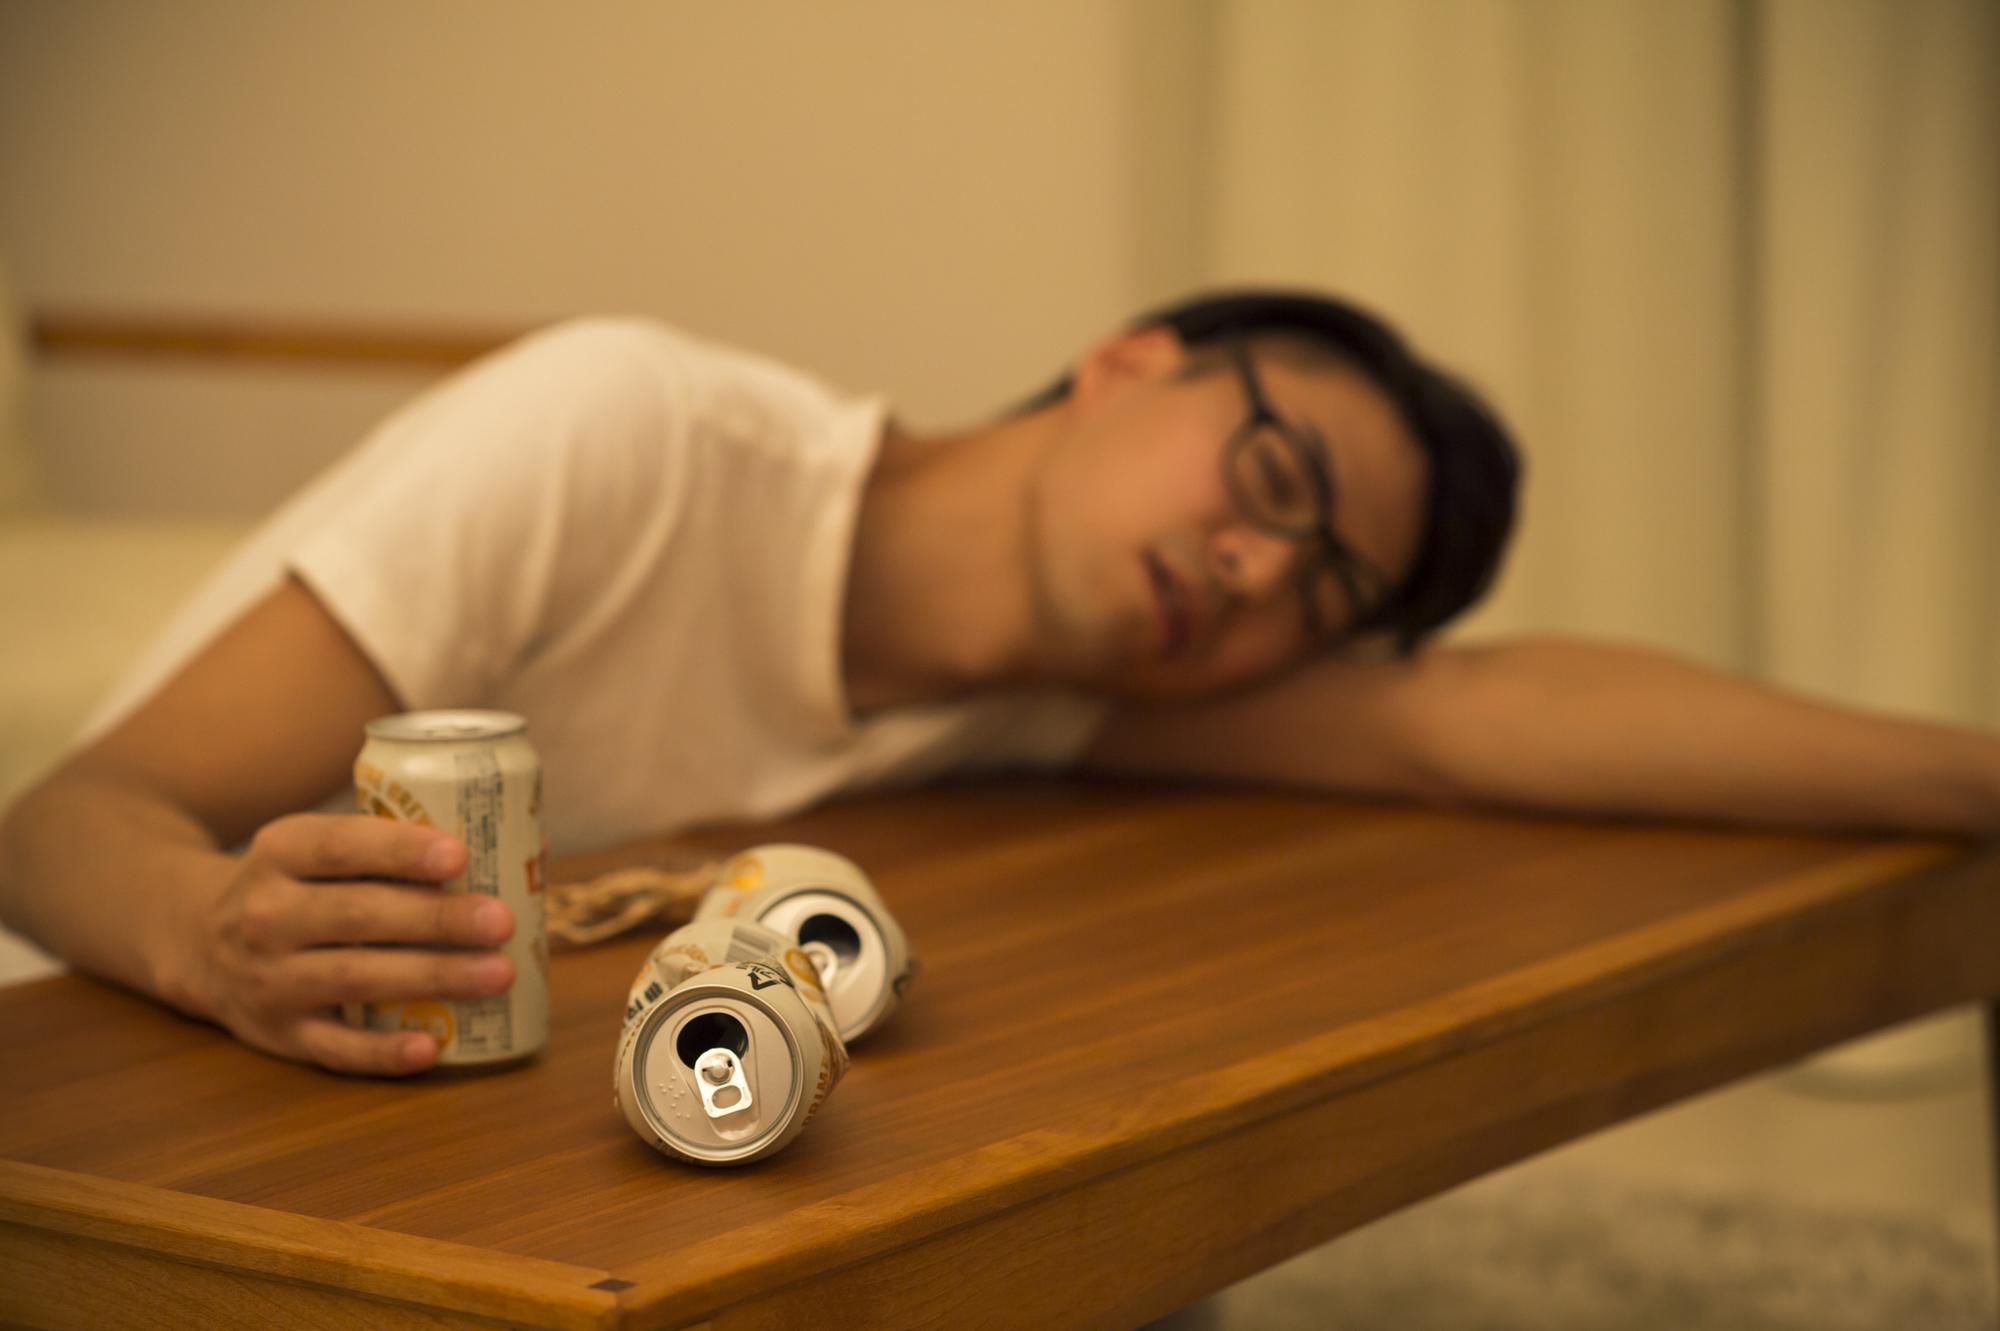 宅飲みのメリット・デメリットと楽しい時間を過ごすコツ